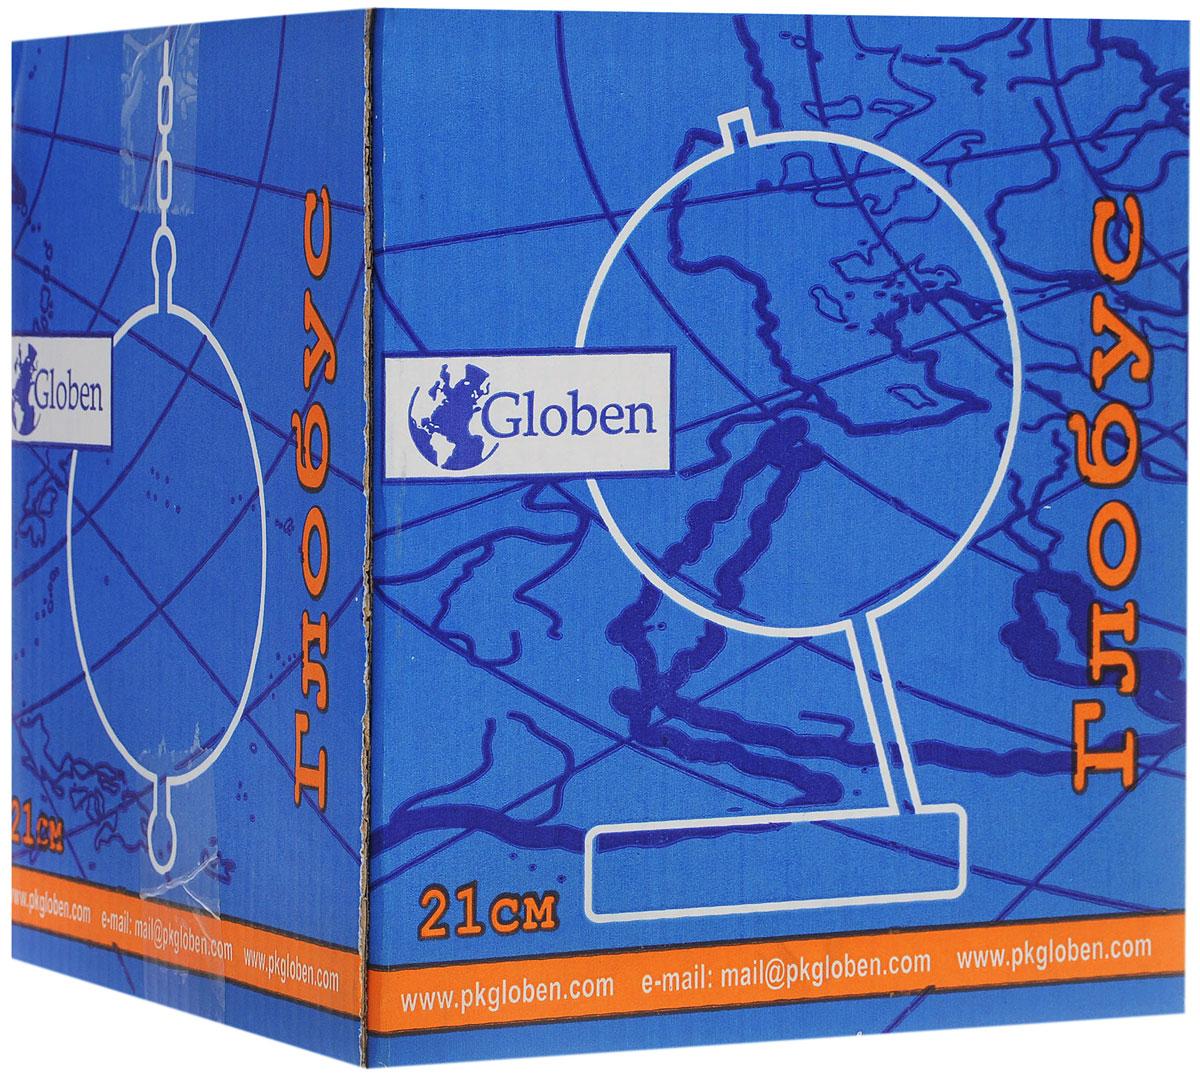 GlobenГлобус Земли политический рельефный диаметр 21 см Globen